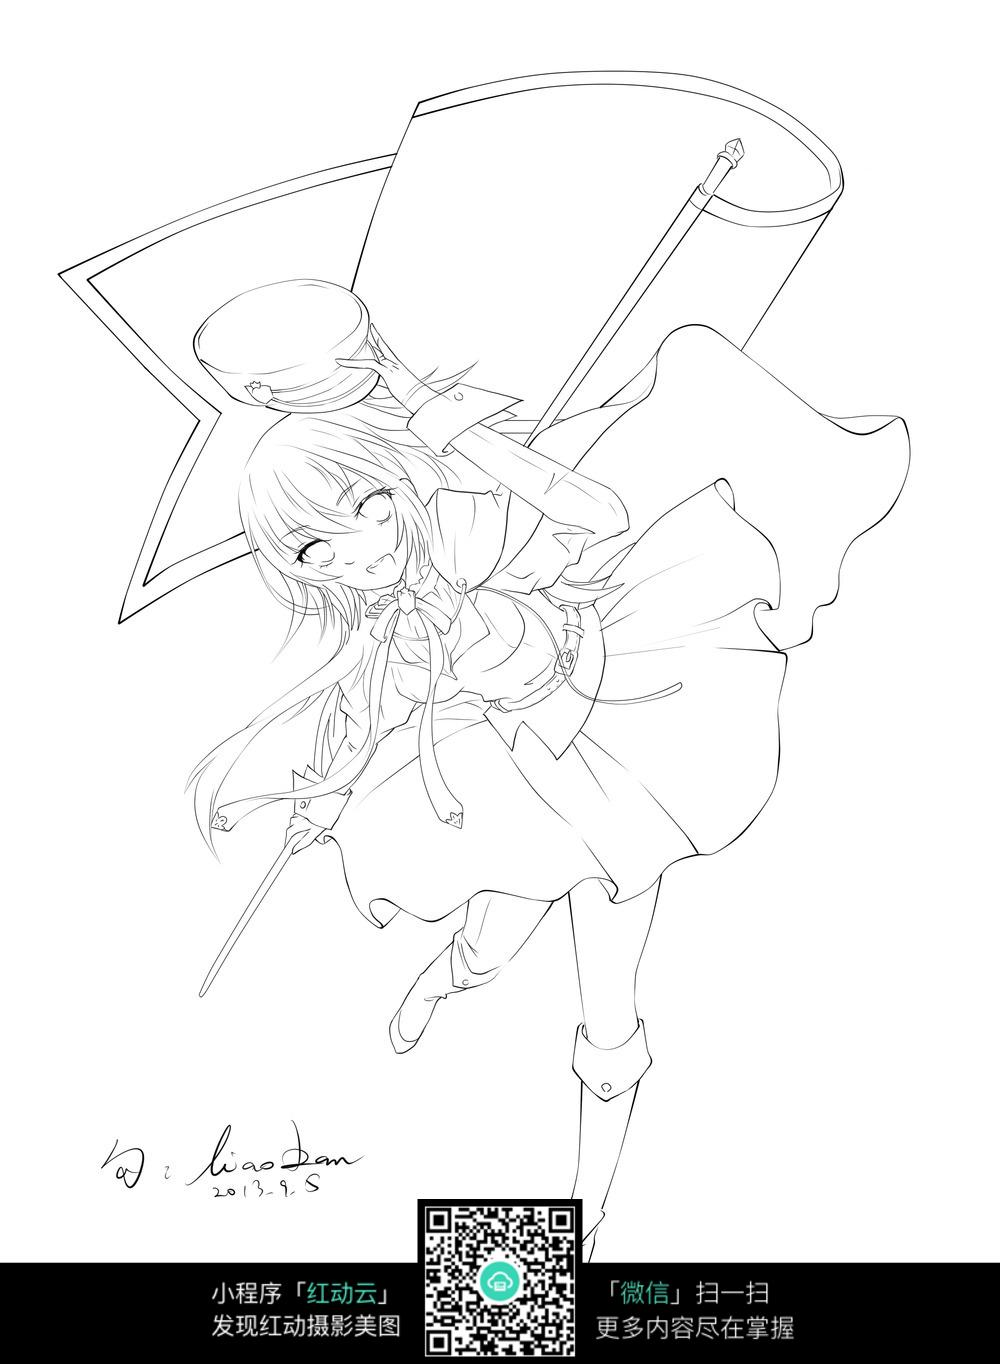 卡通开心美少女手绘线稿图片